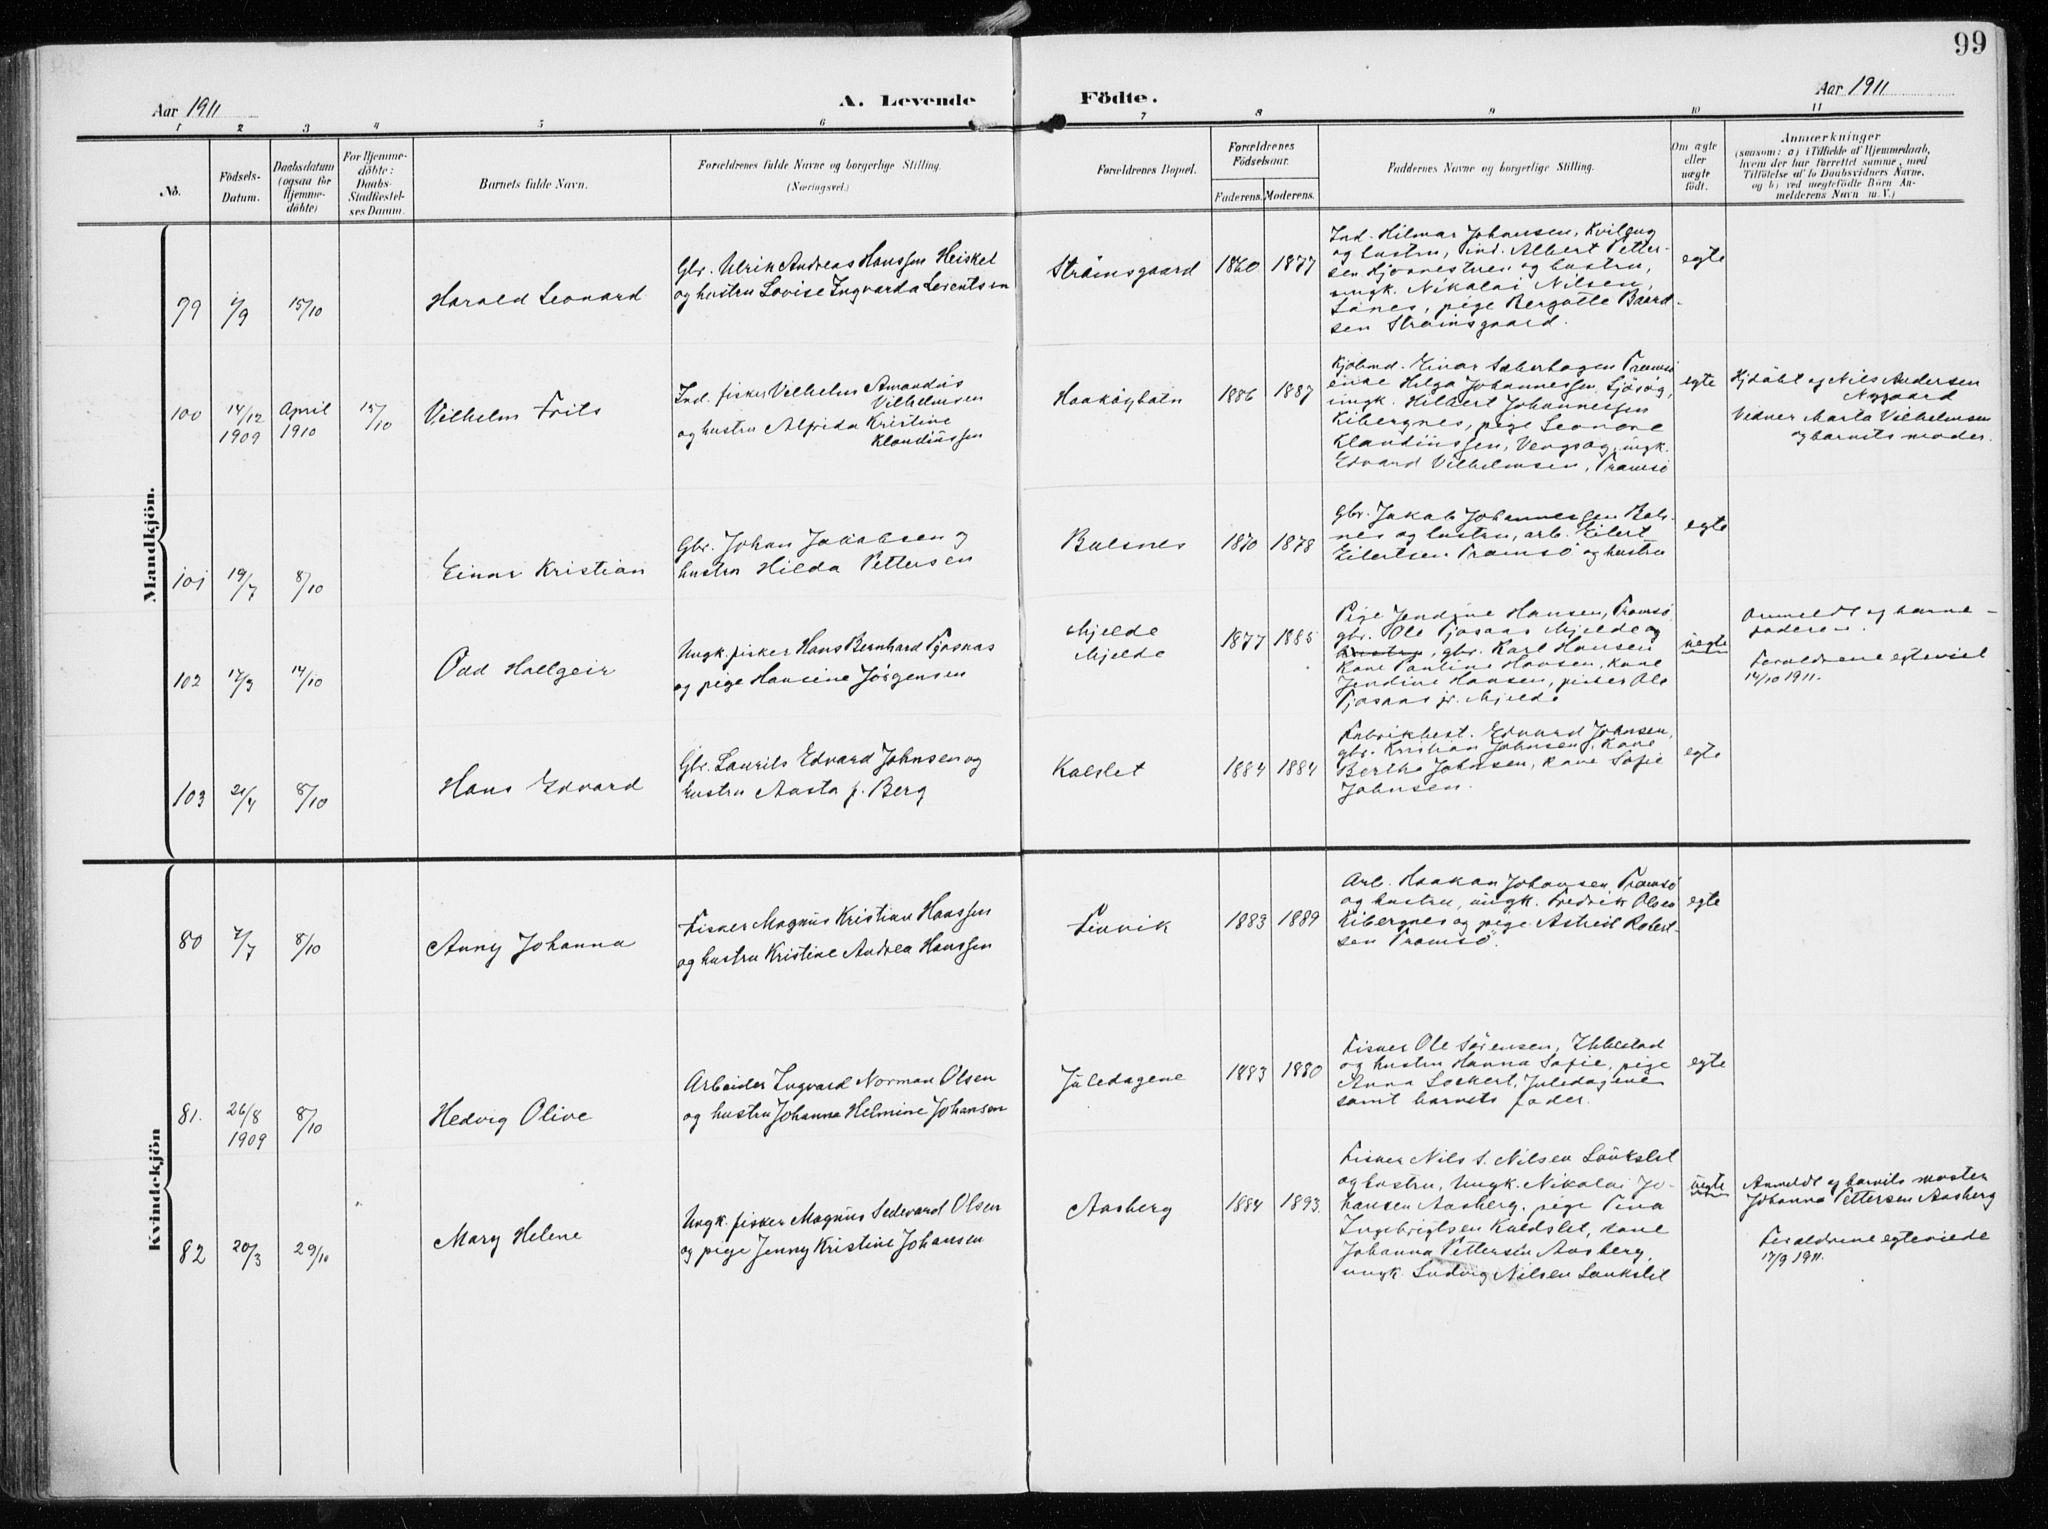 SATØ, Tromsøysund sokneprestkontor, G/Ga/L0007kirke: Ministerialbok nr. 7, 1907-1914, s. 99